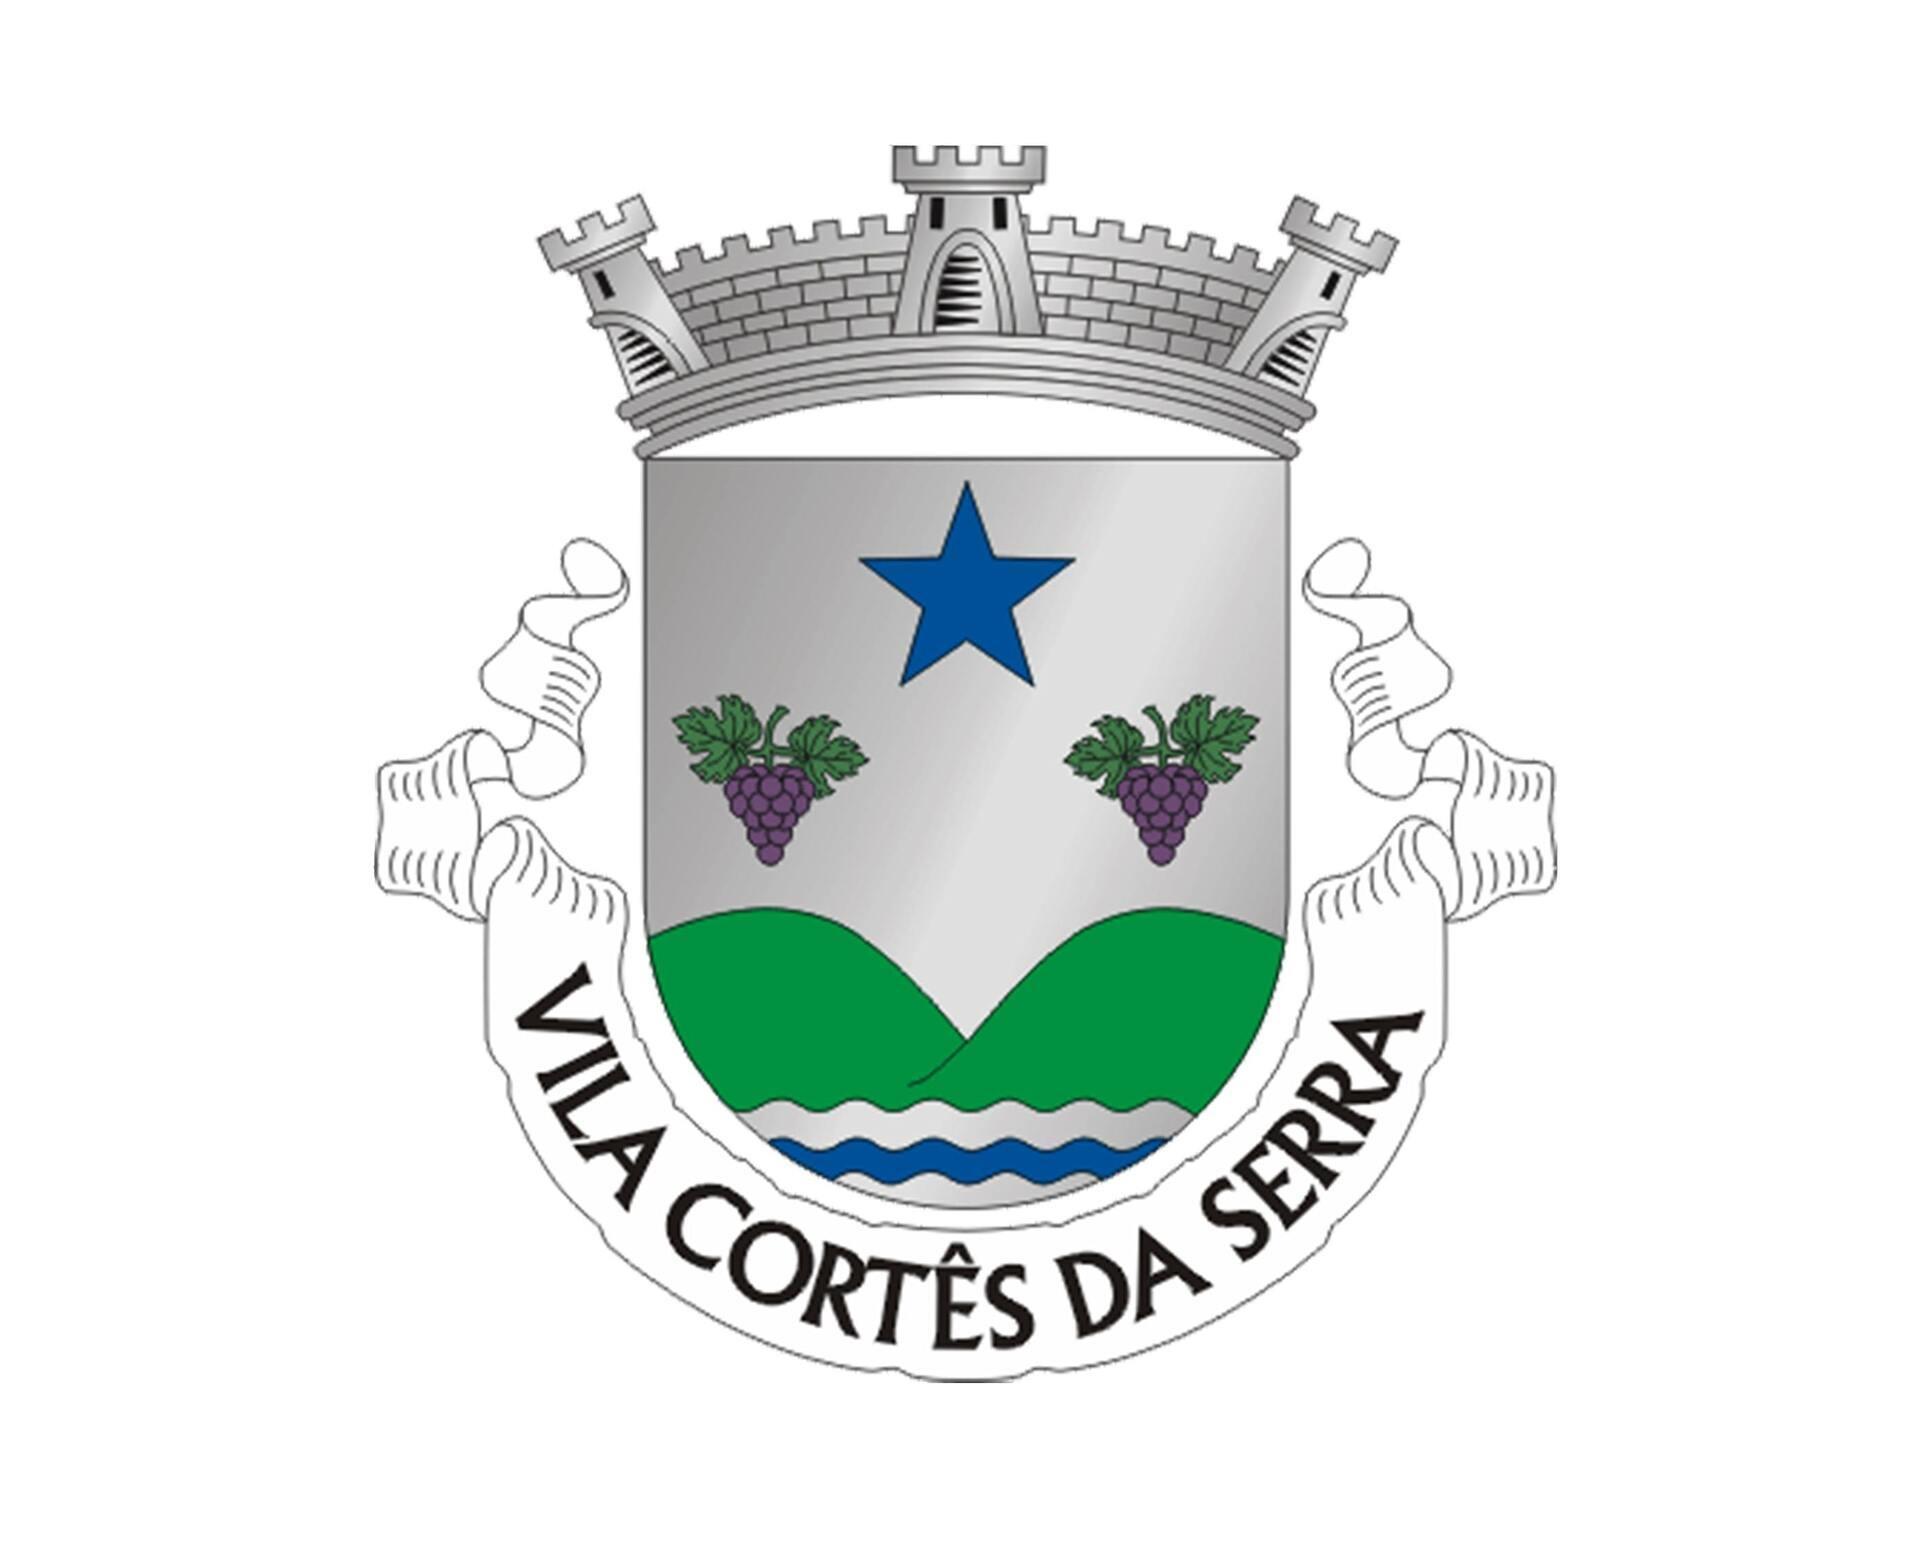 Brasão Vila Cortês da Serra